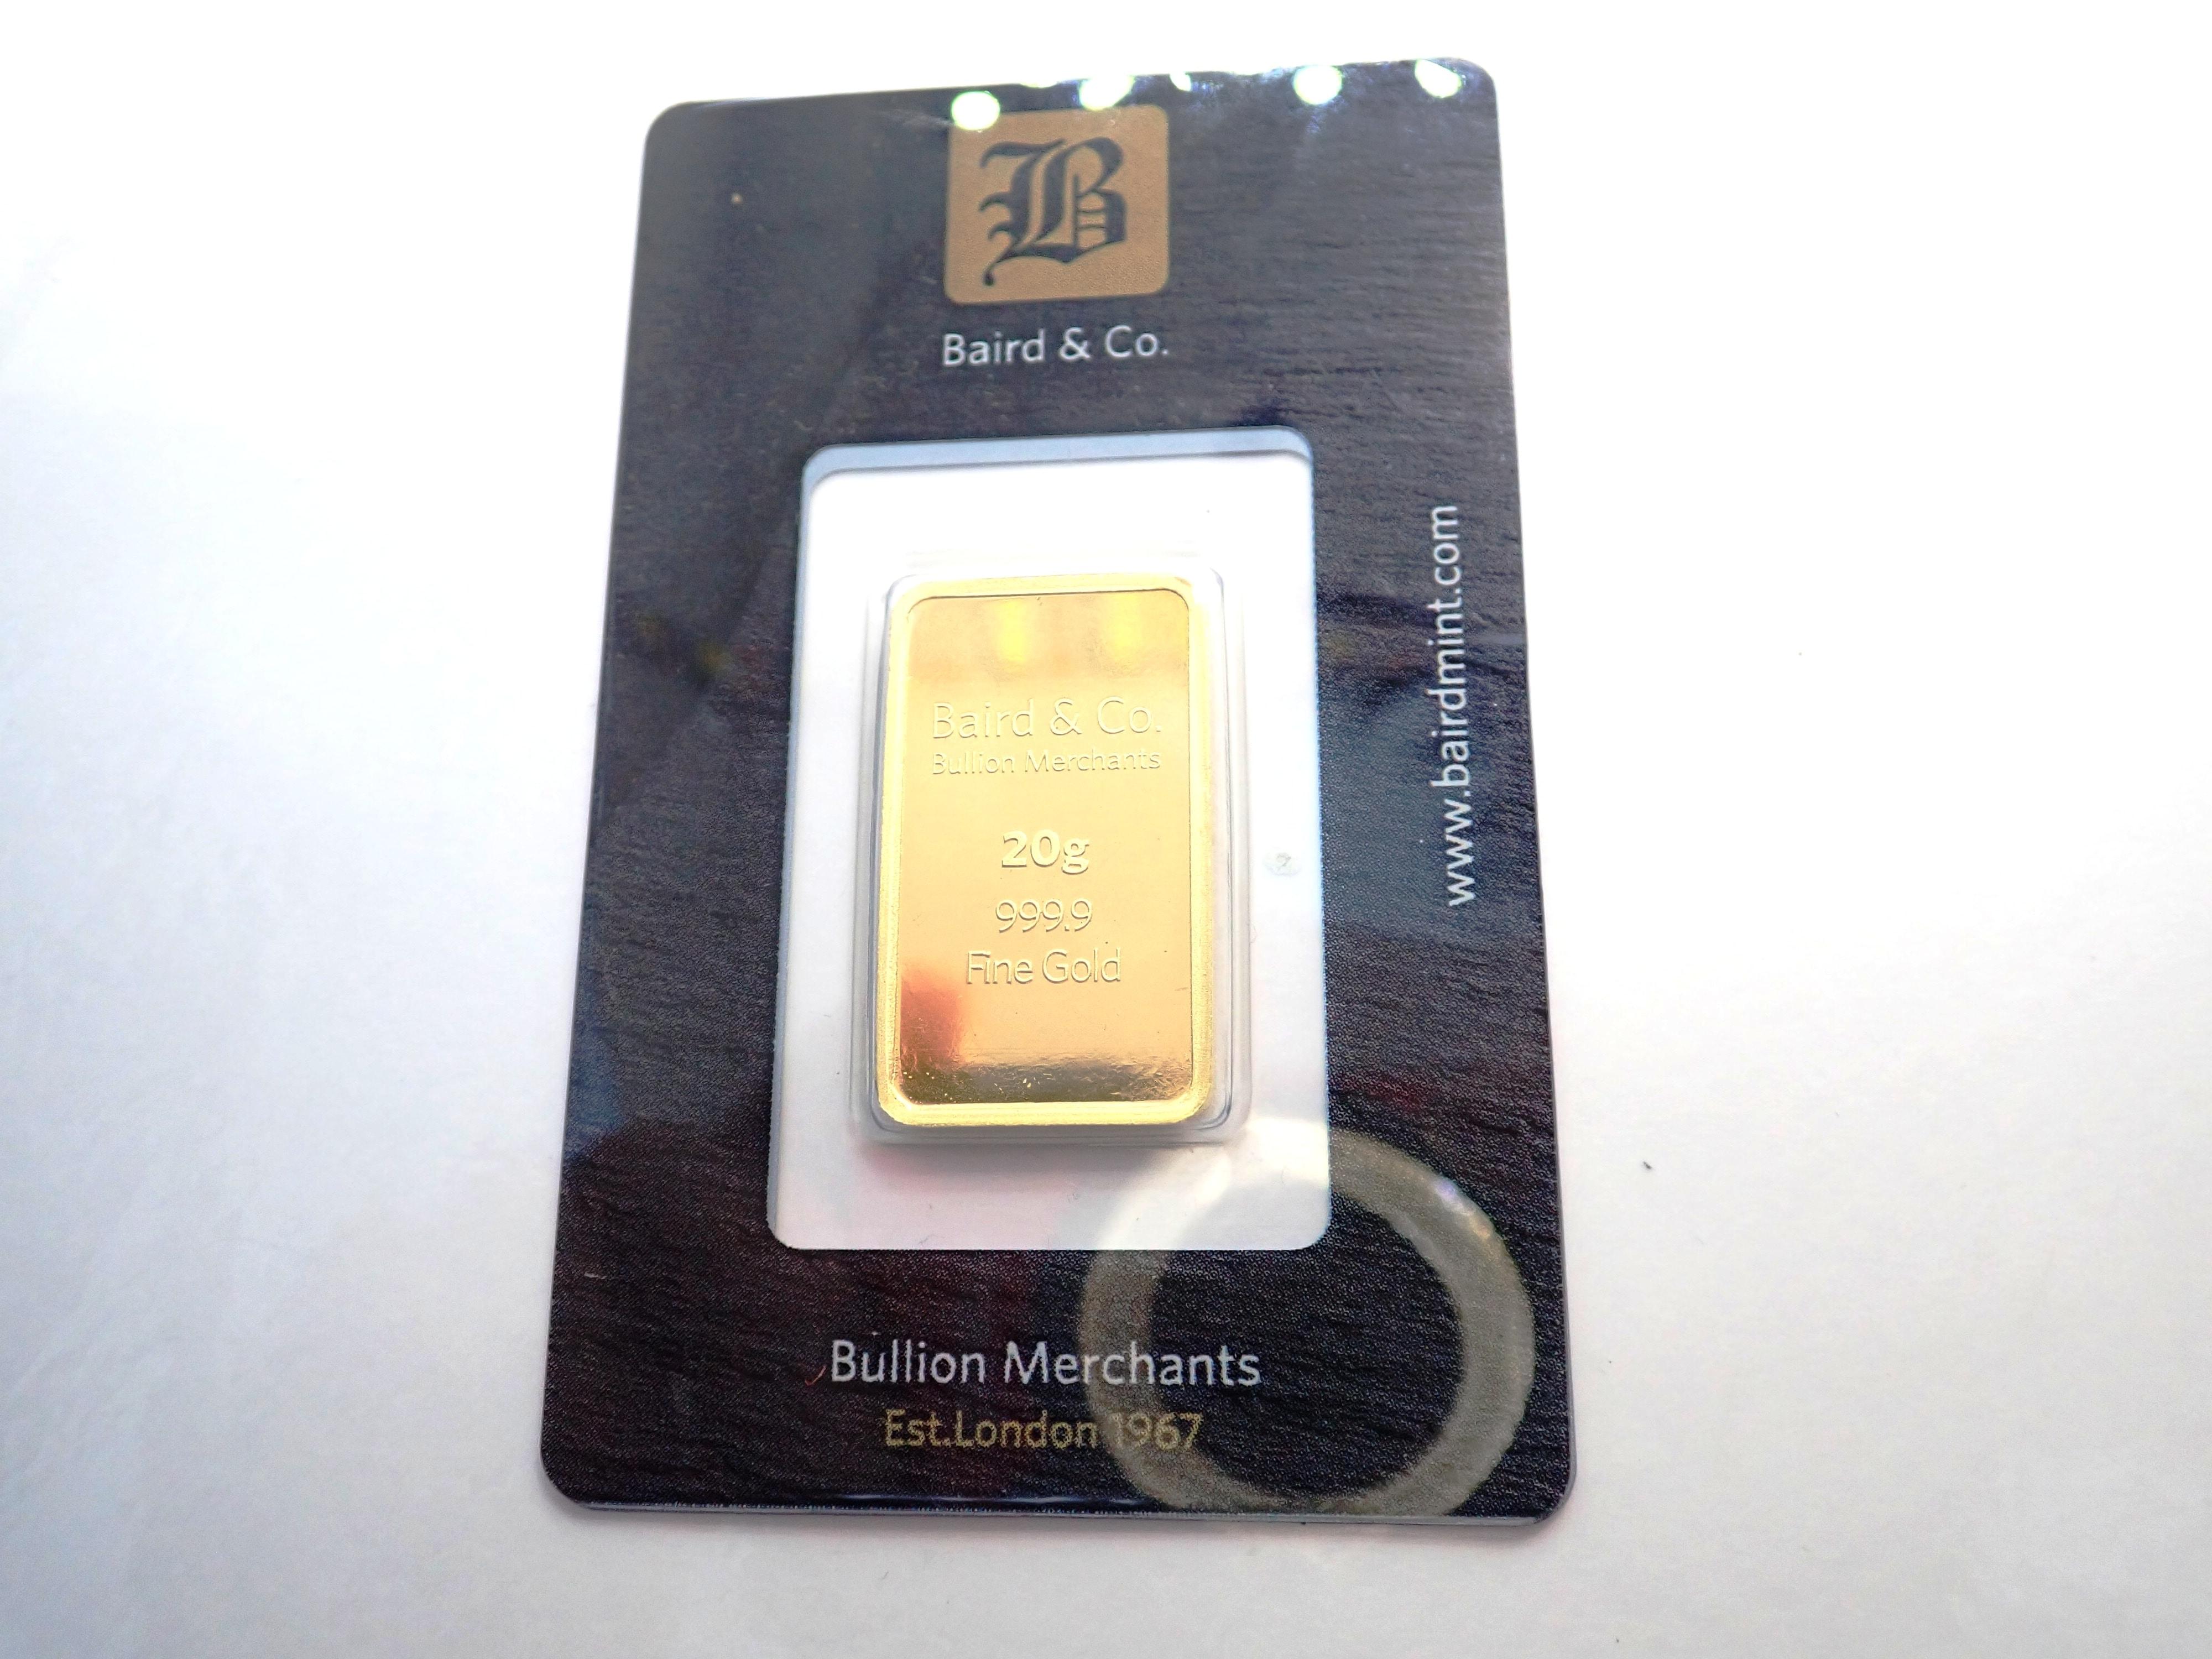 AA000852 - 20 gram Baird and Co Fine Gold Bar 24 Carat 999.9 Bullion #